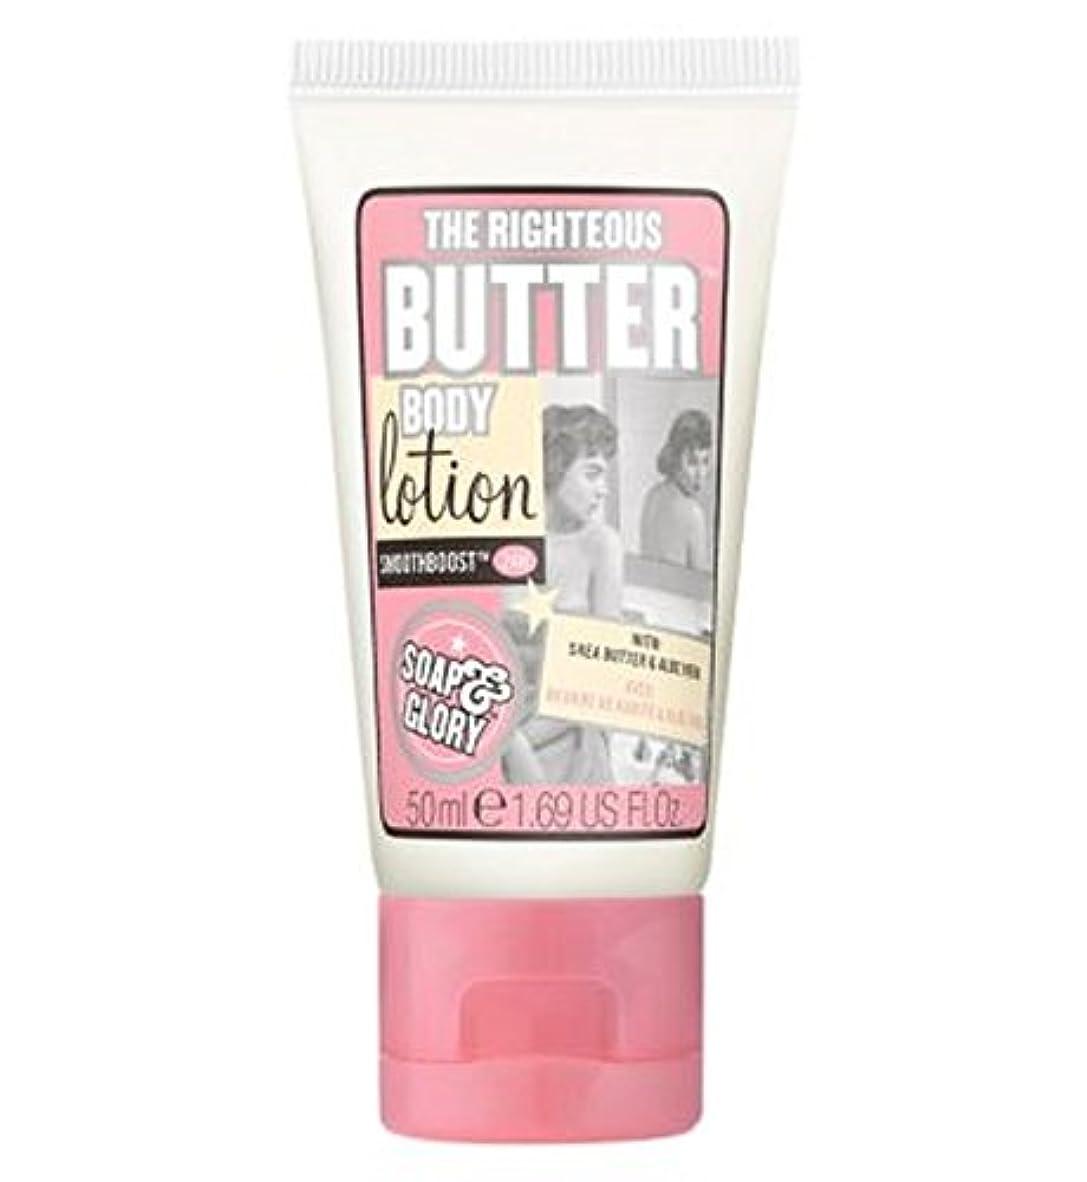 トロピカル論理的に佐賀Soap & Glory The Righteous Butter Lotion 50ml - 石鹸&栄光正義のバターローション50ミリリットル (Soap & Glory) [並行輸入品]